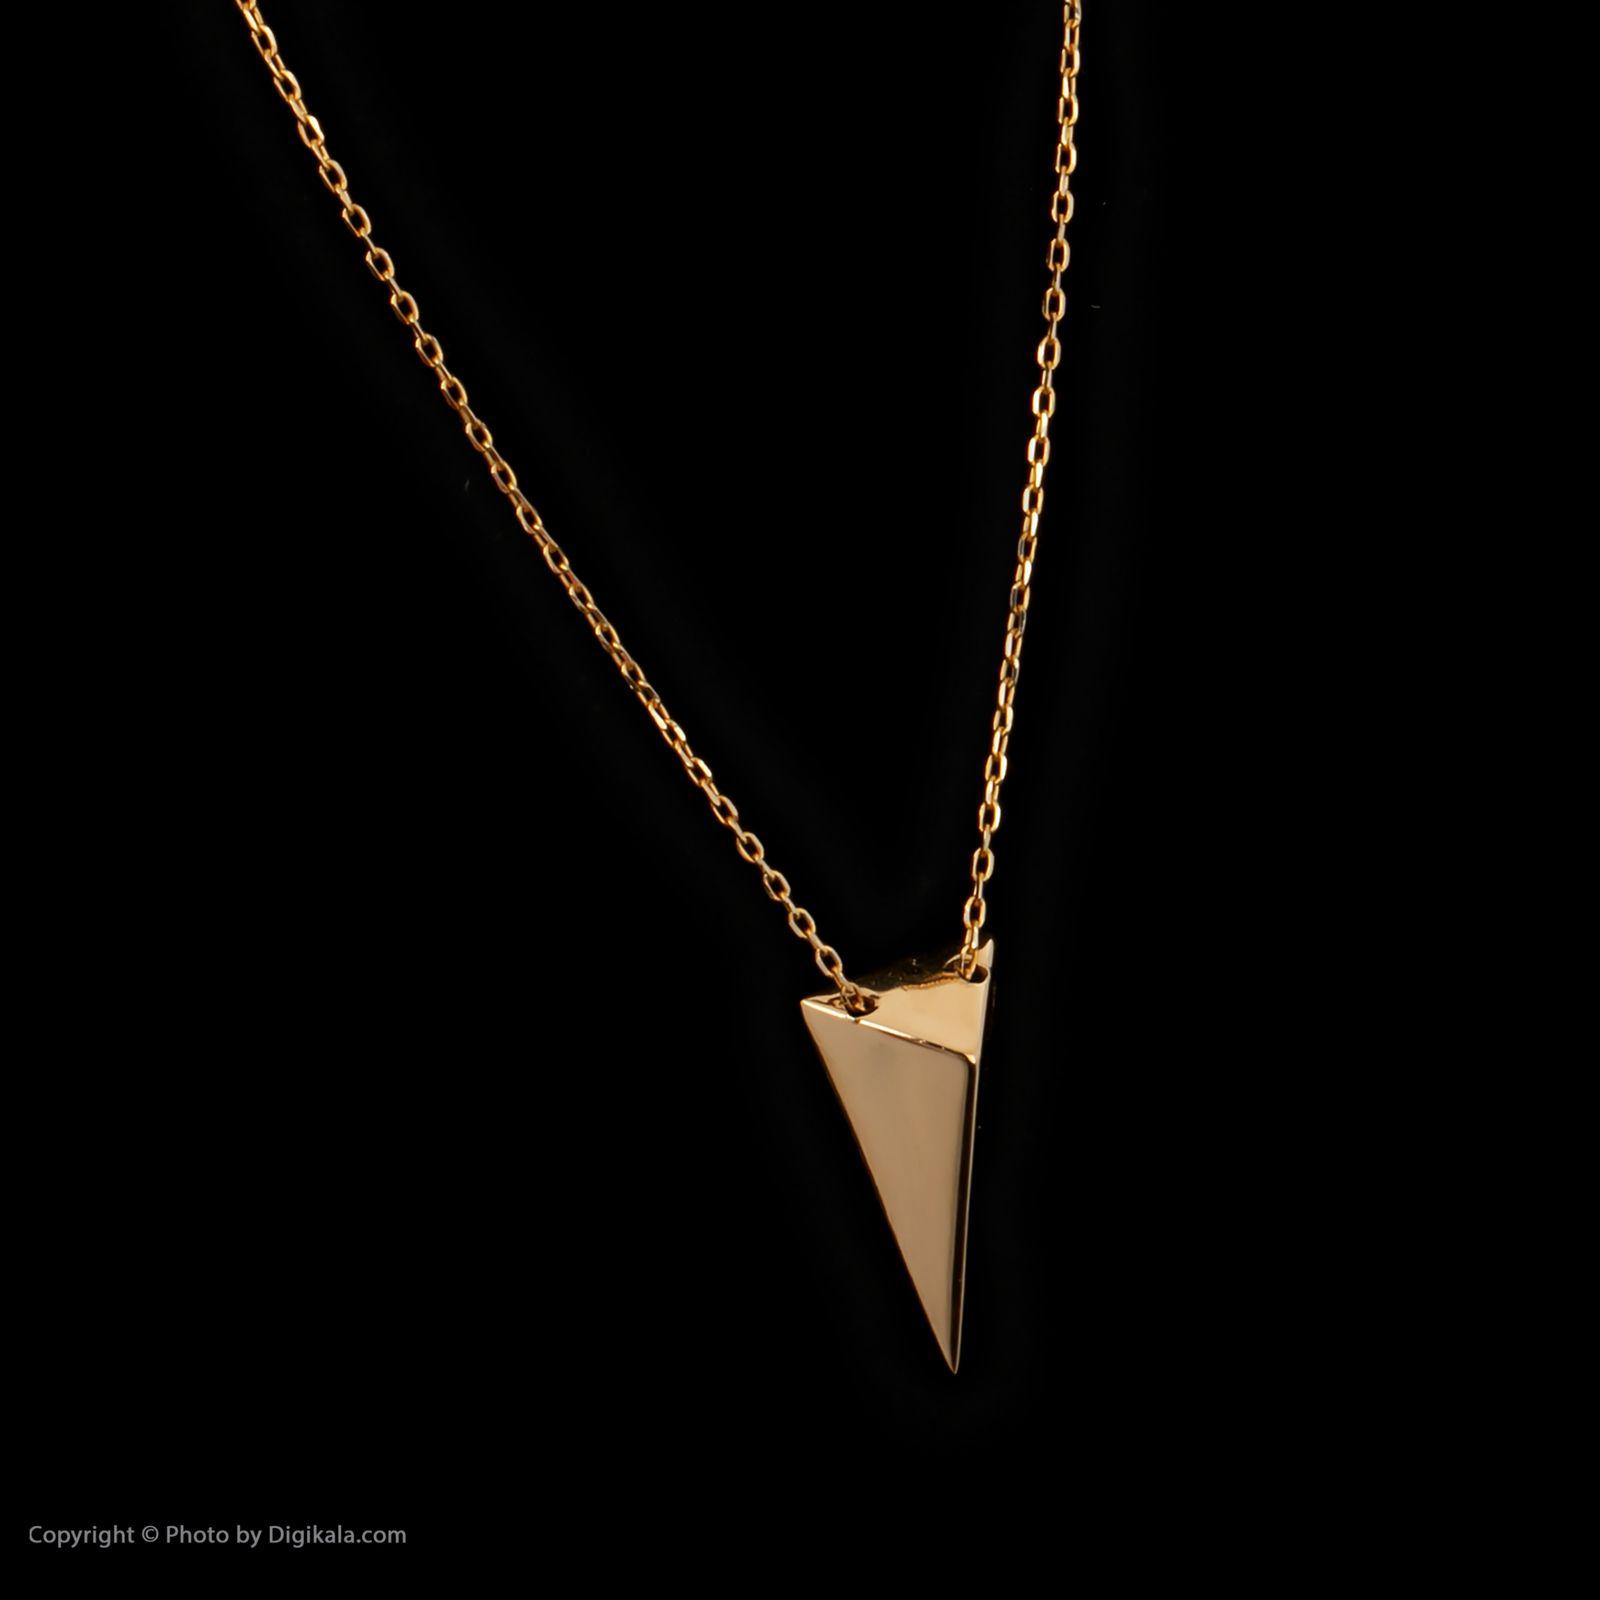 گردنبند طلا 18 عیار زنانه سنجاق مدل X074732 -  - 4